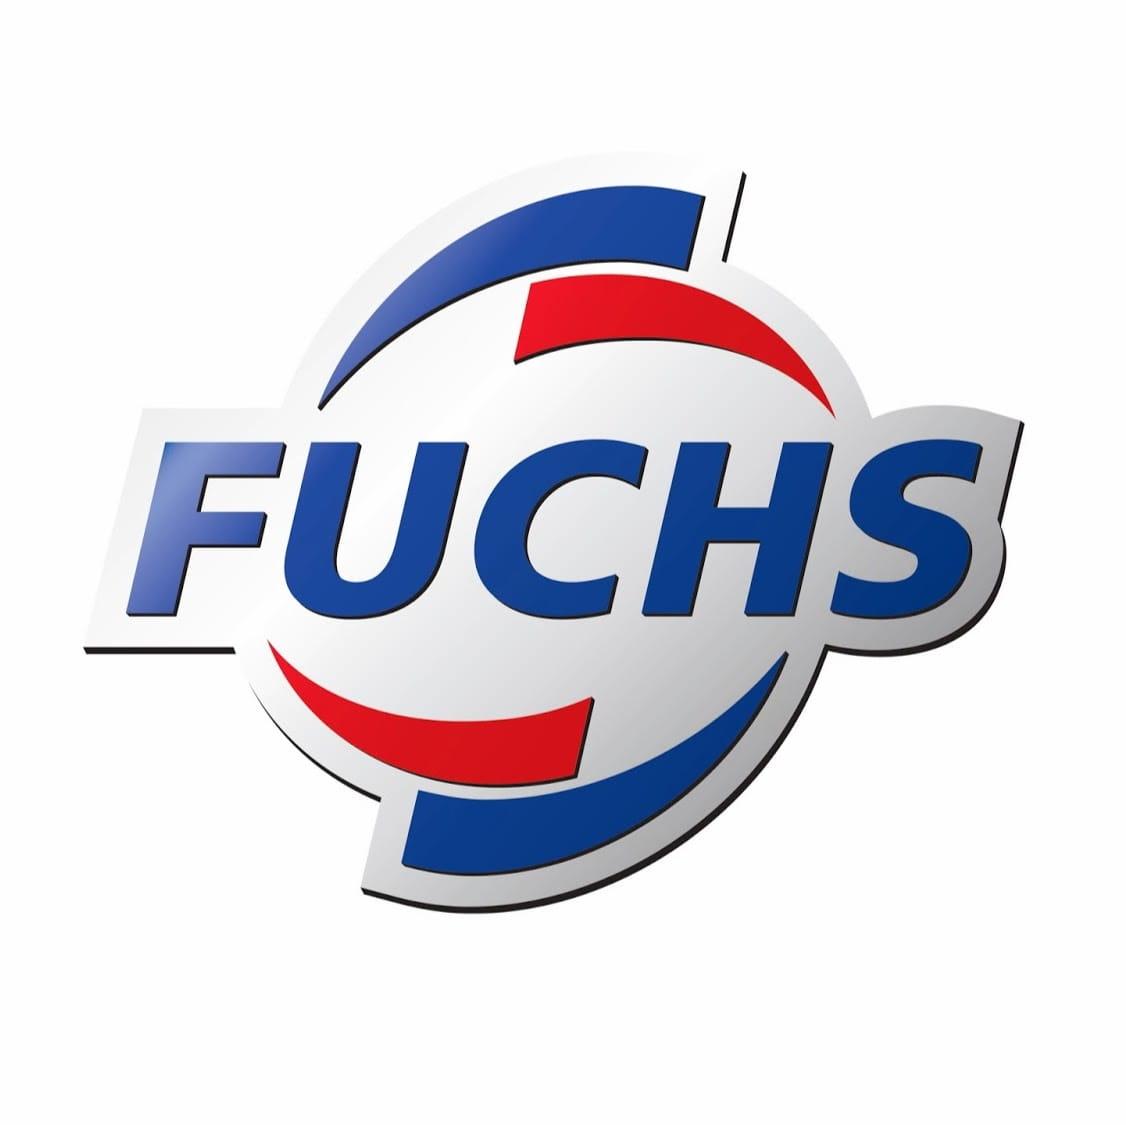 FUCHS LUBRICANTES, S.A.U.